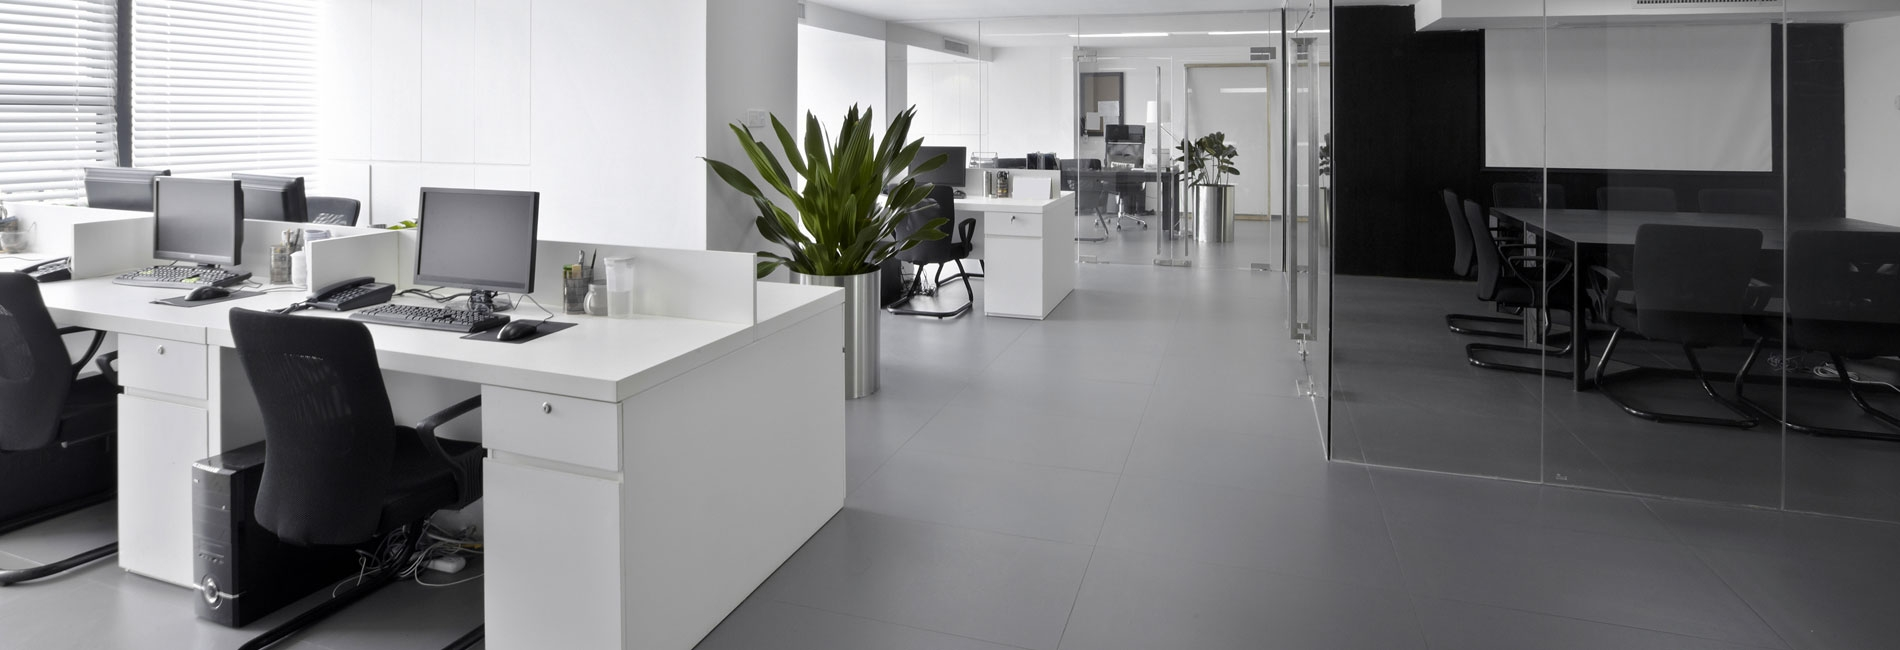 Schoonmaakwerkzaamheden kantoorgebouwen